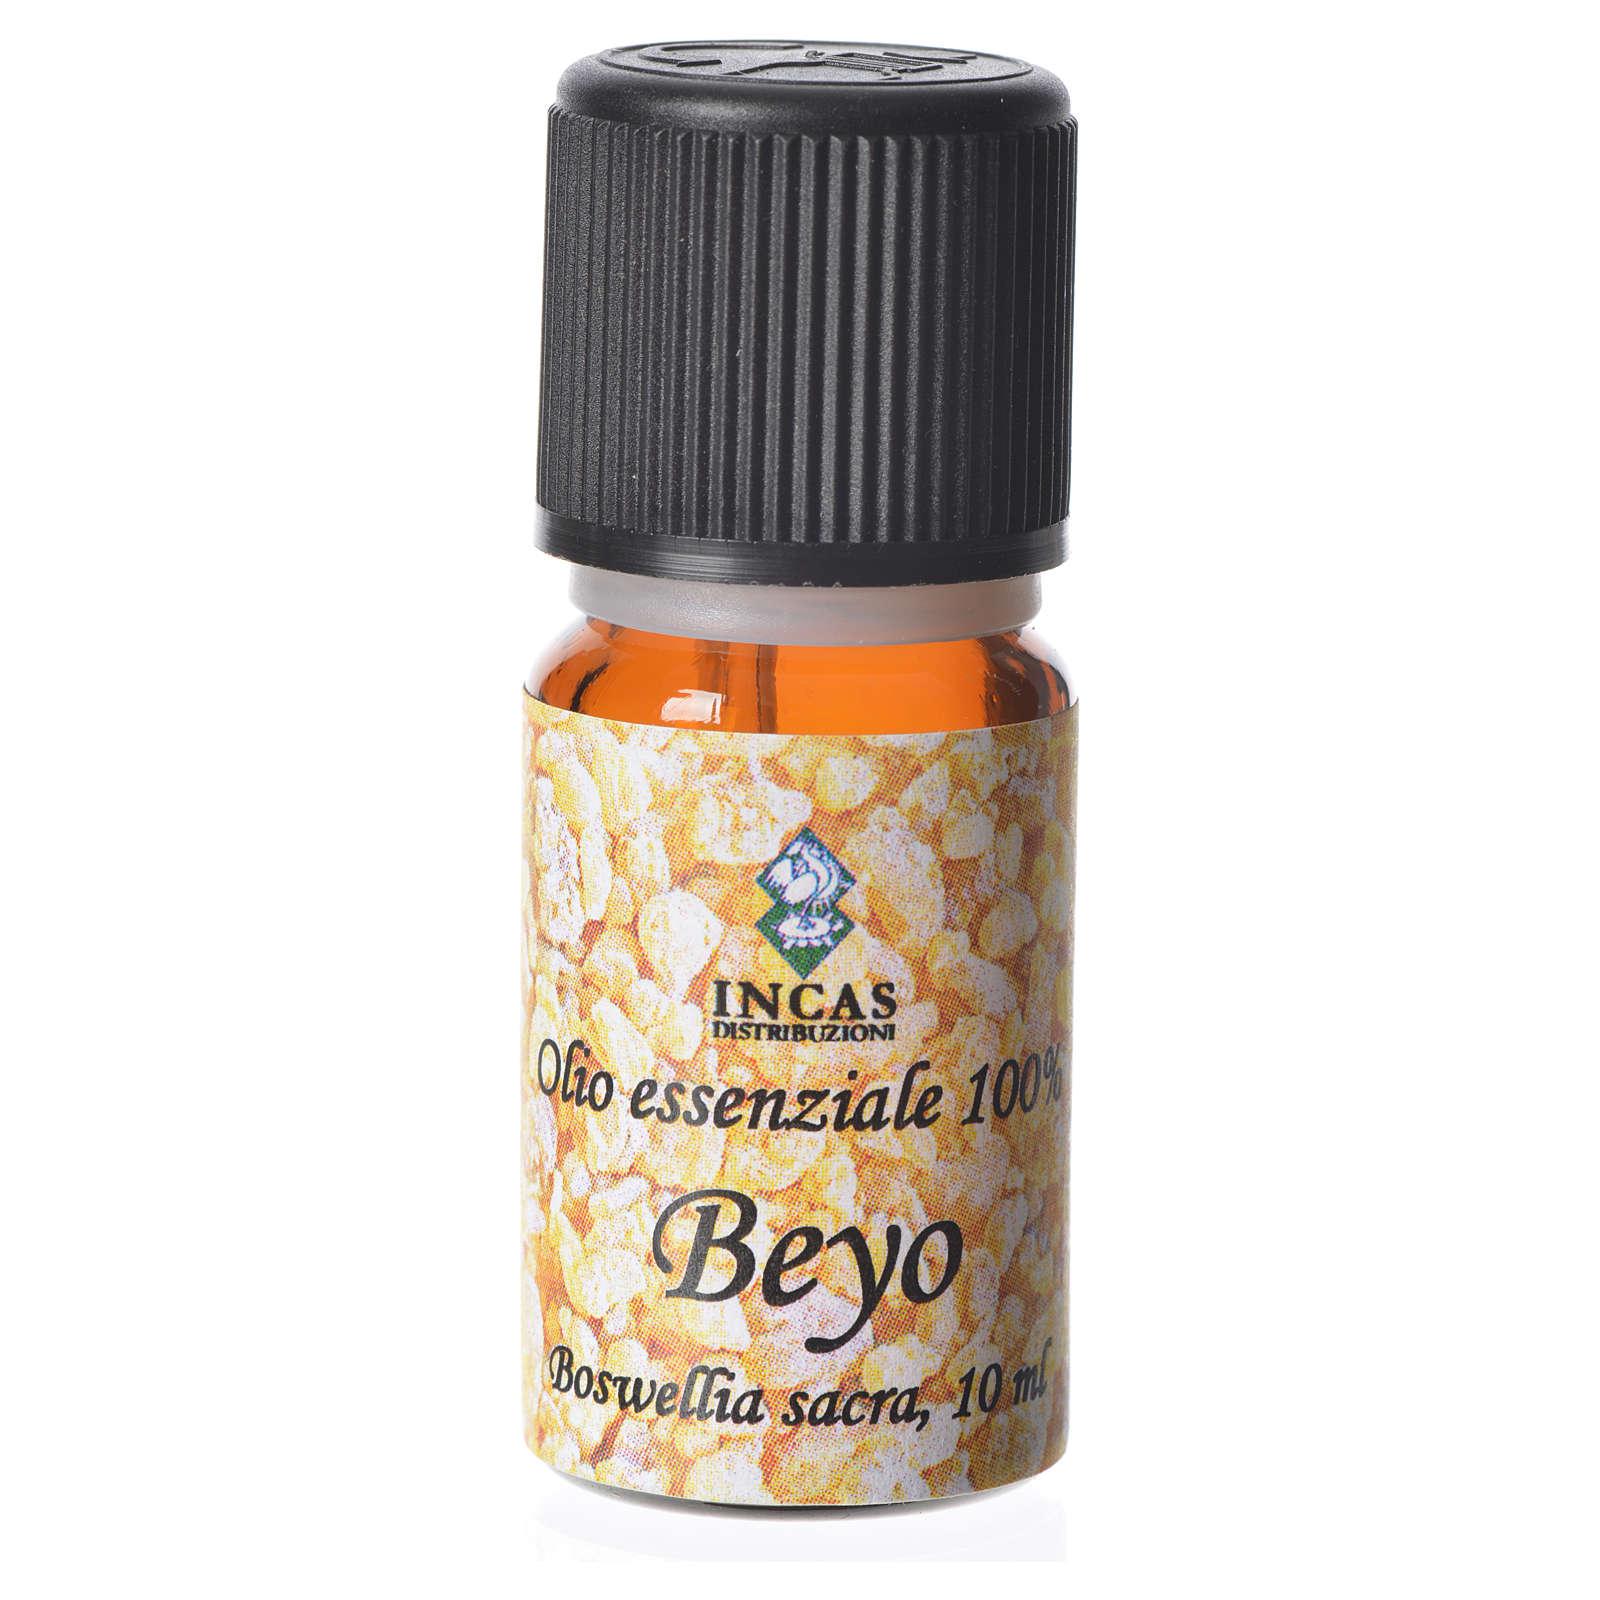 Aceite esencial puro al 100% de Beyo 3